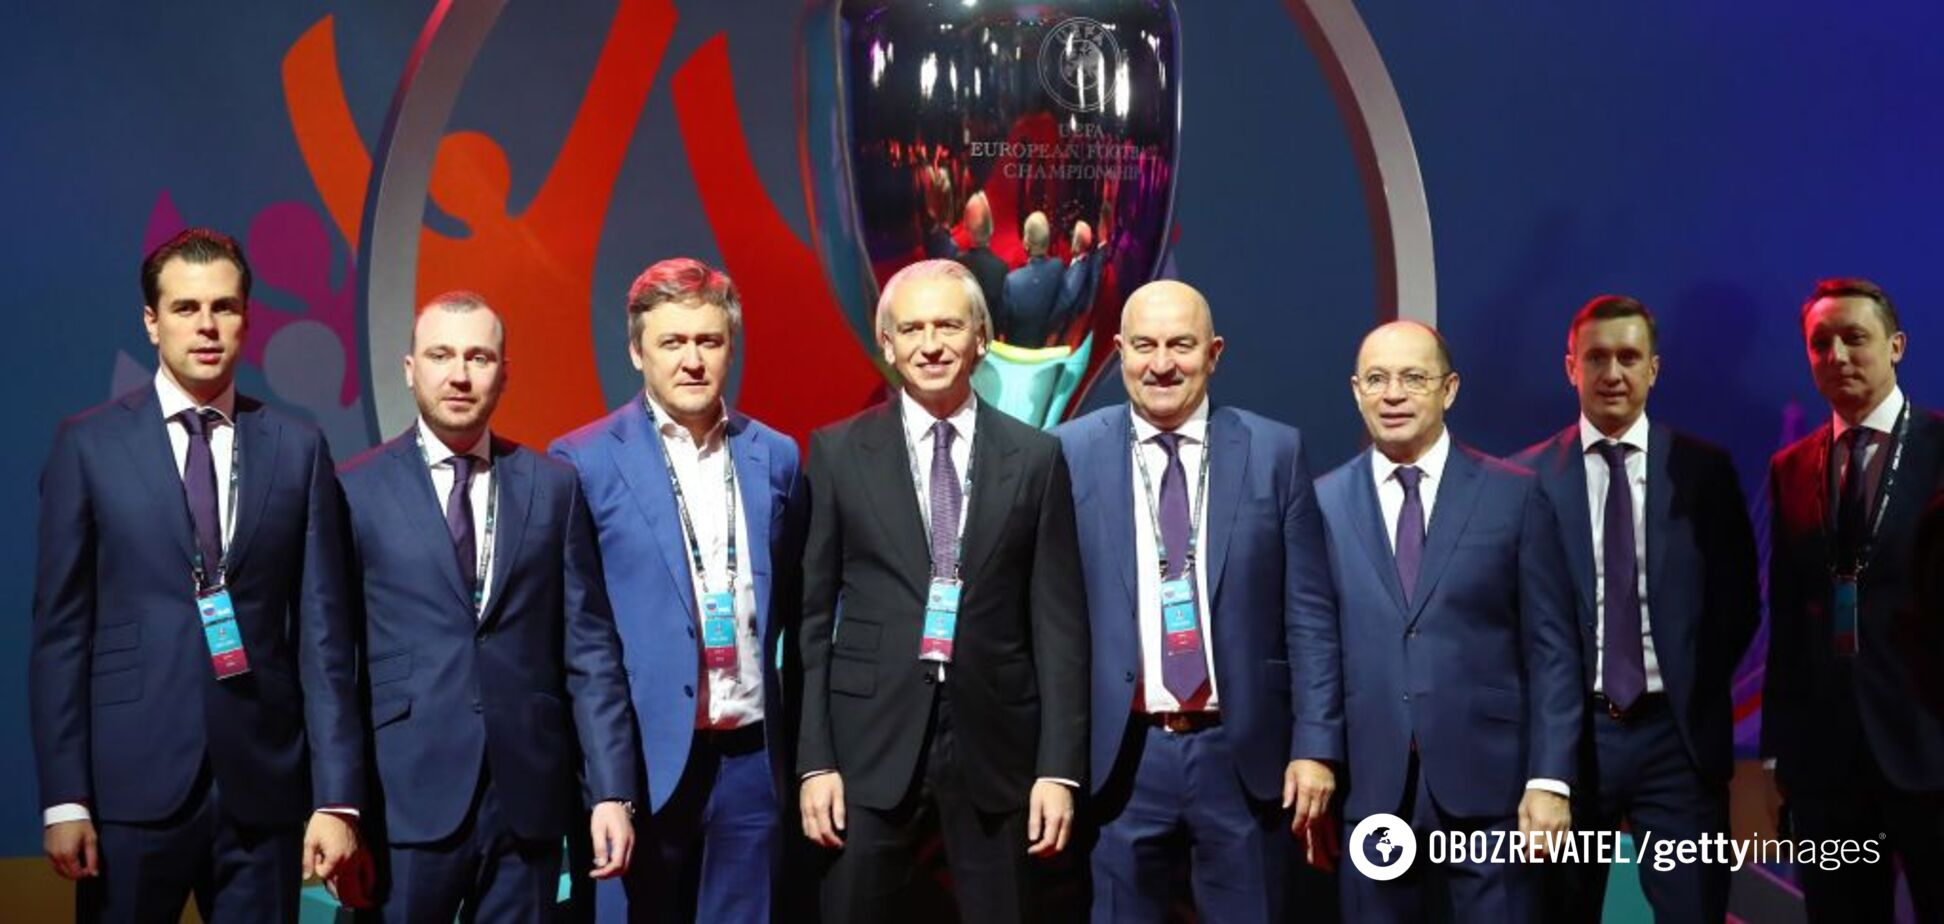 'Є два мінуса': в Росії оцінили результати жеребкування Євро-2020